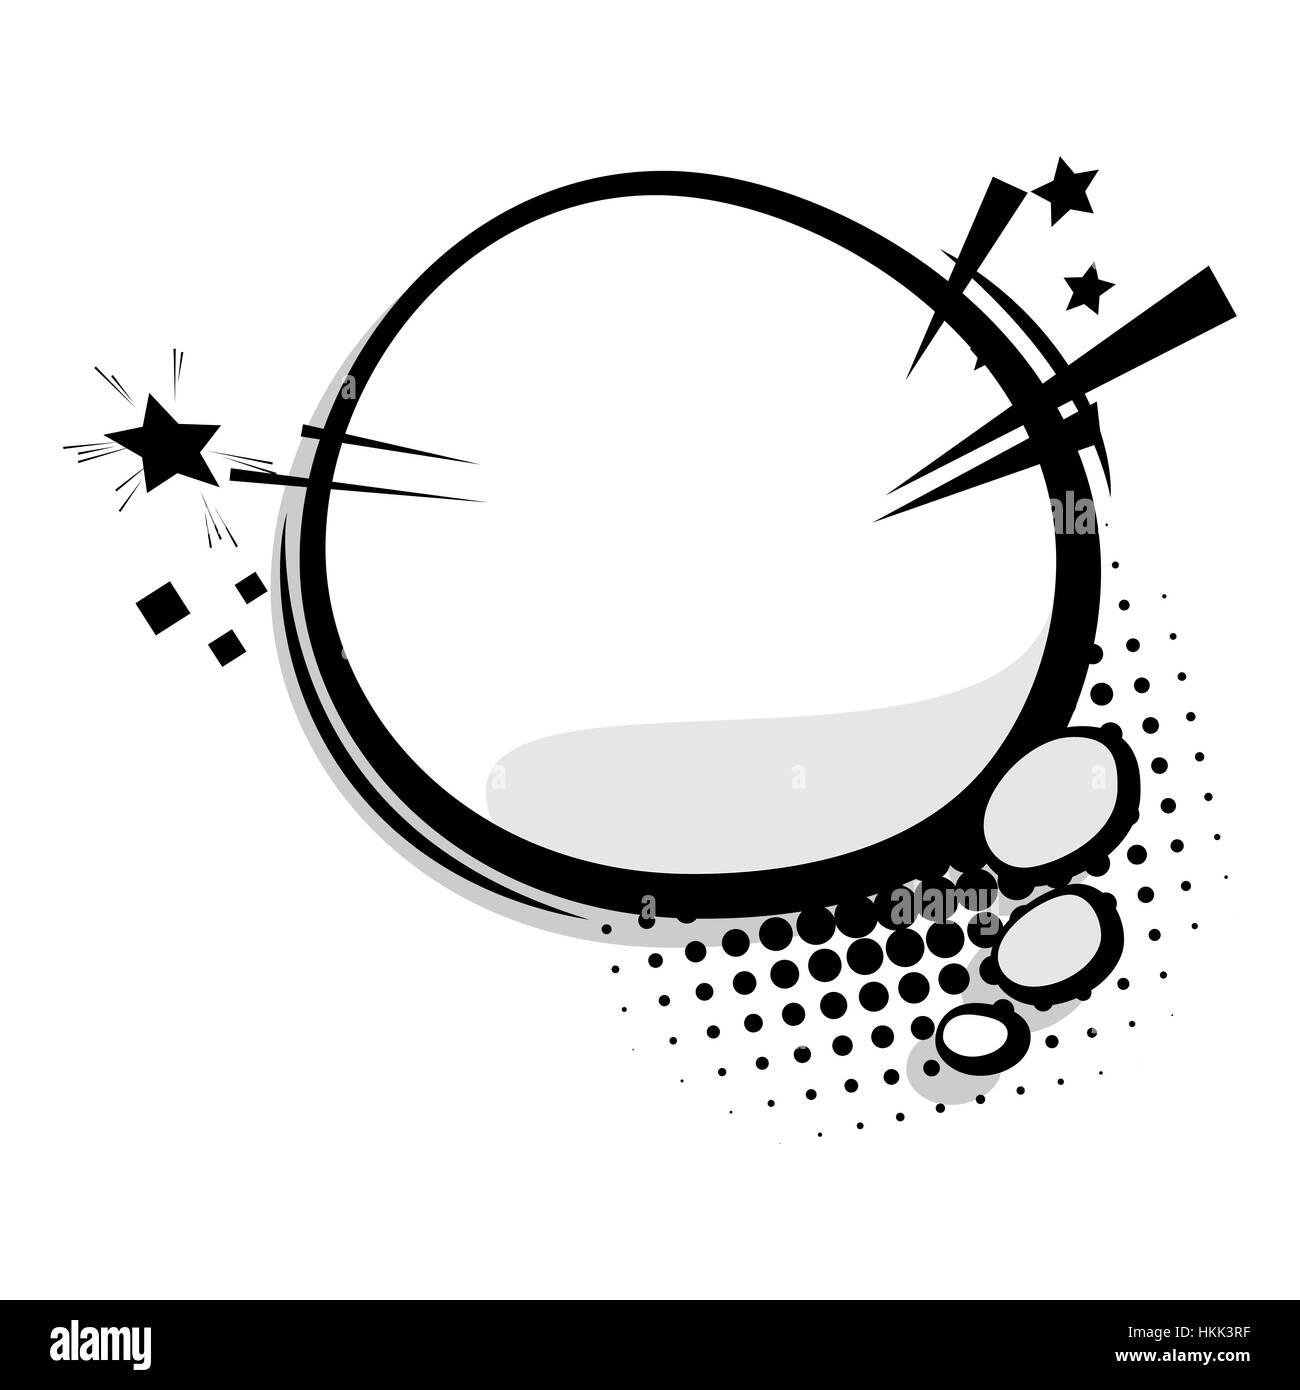 Blank template comic speech balloon Stock Vector Art & Illustration ...